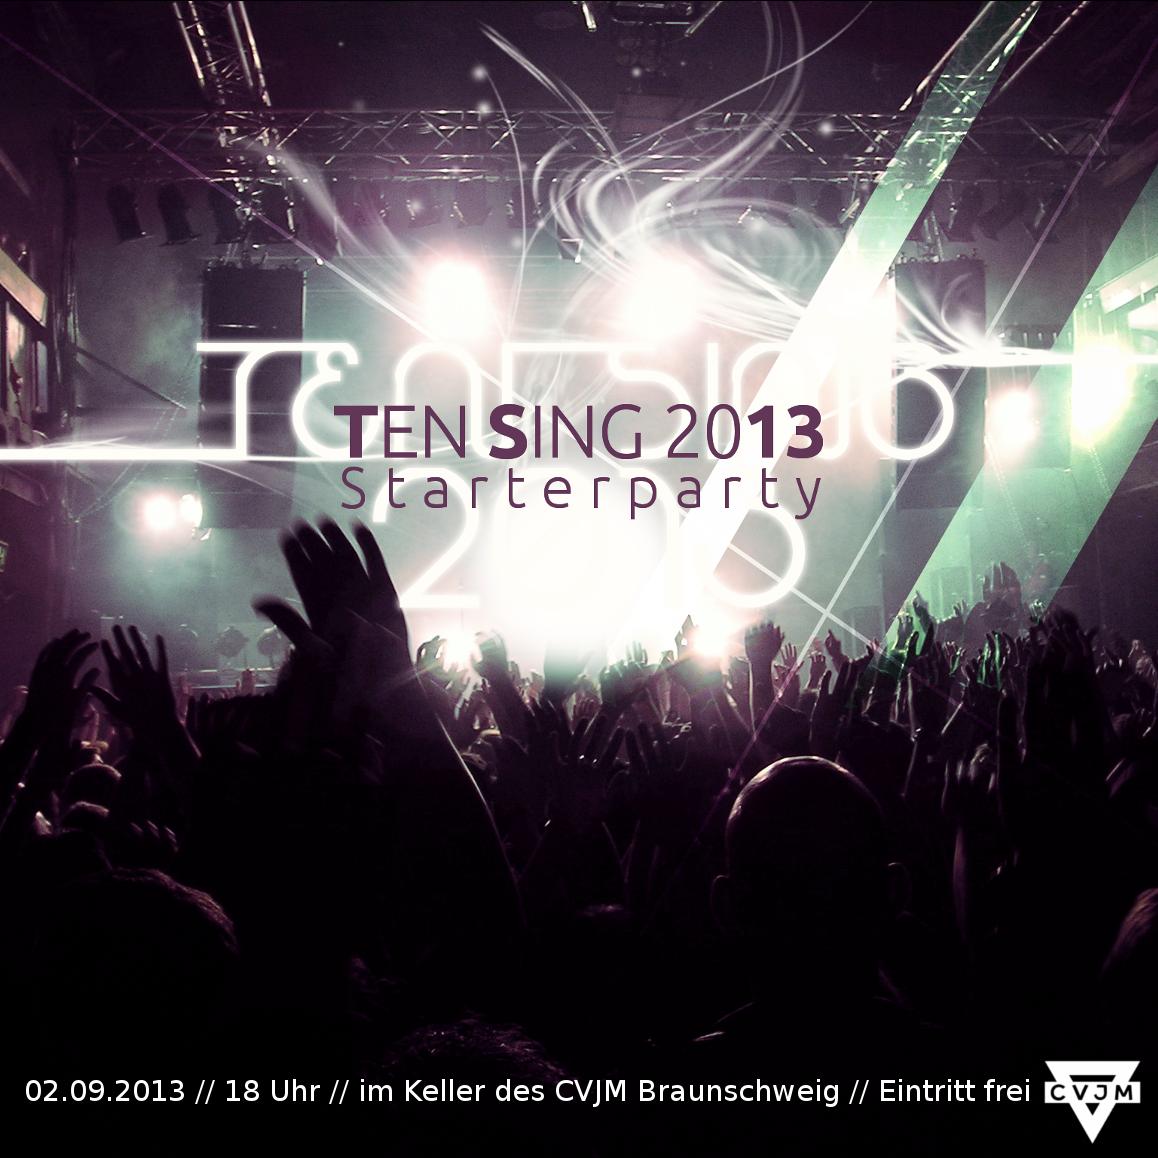 Single party braunschweig 2013